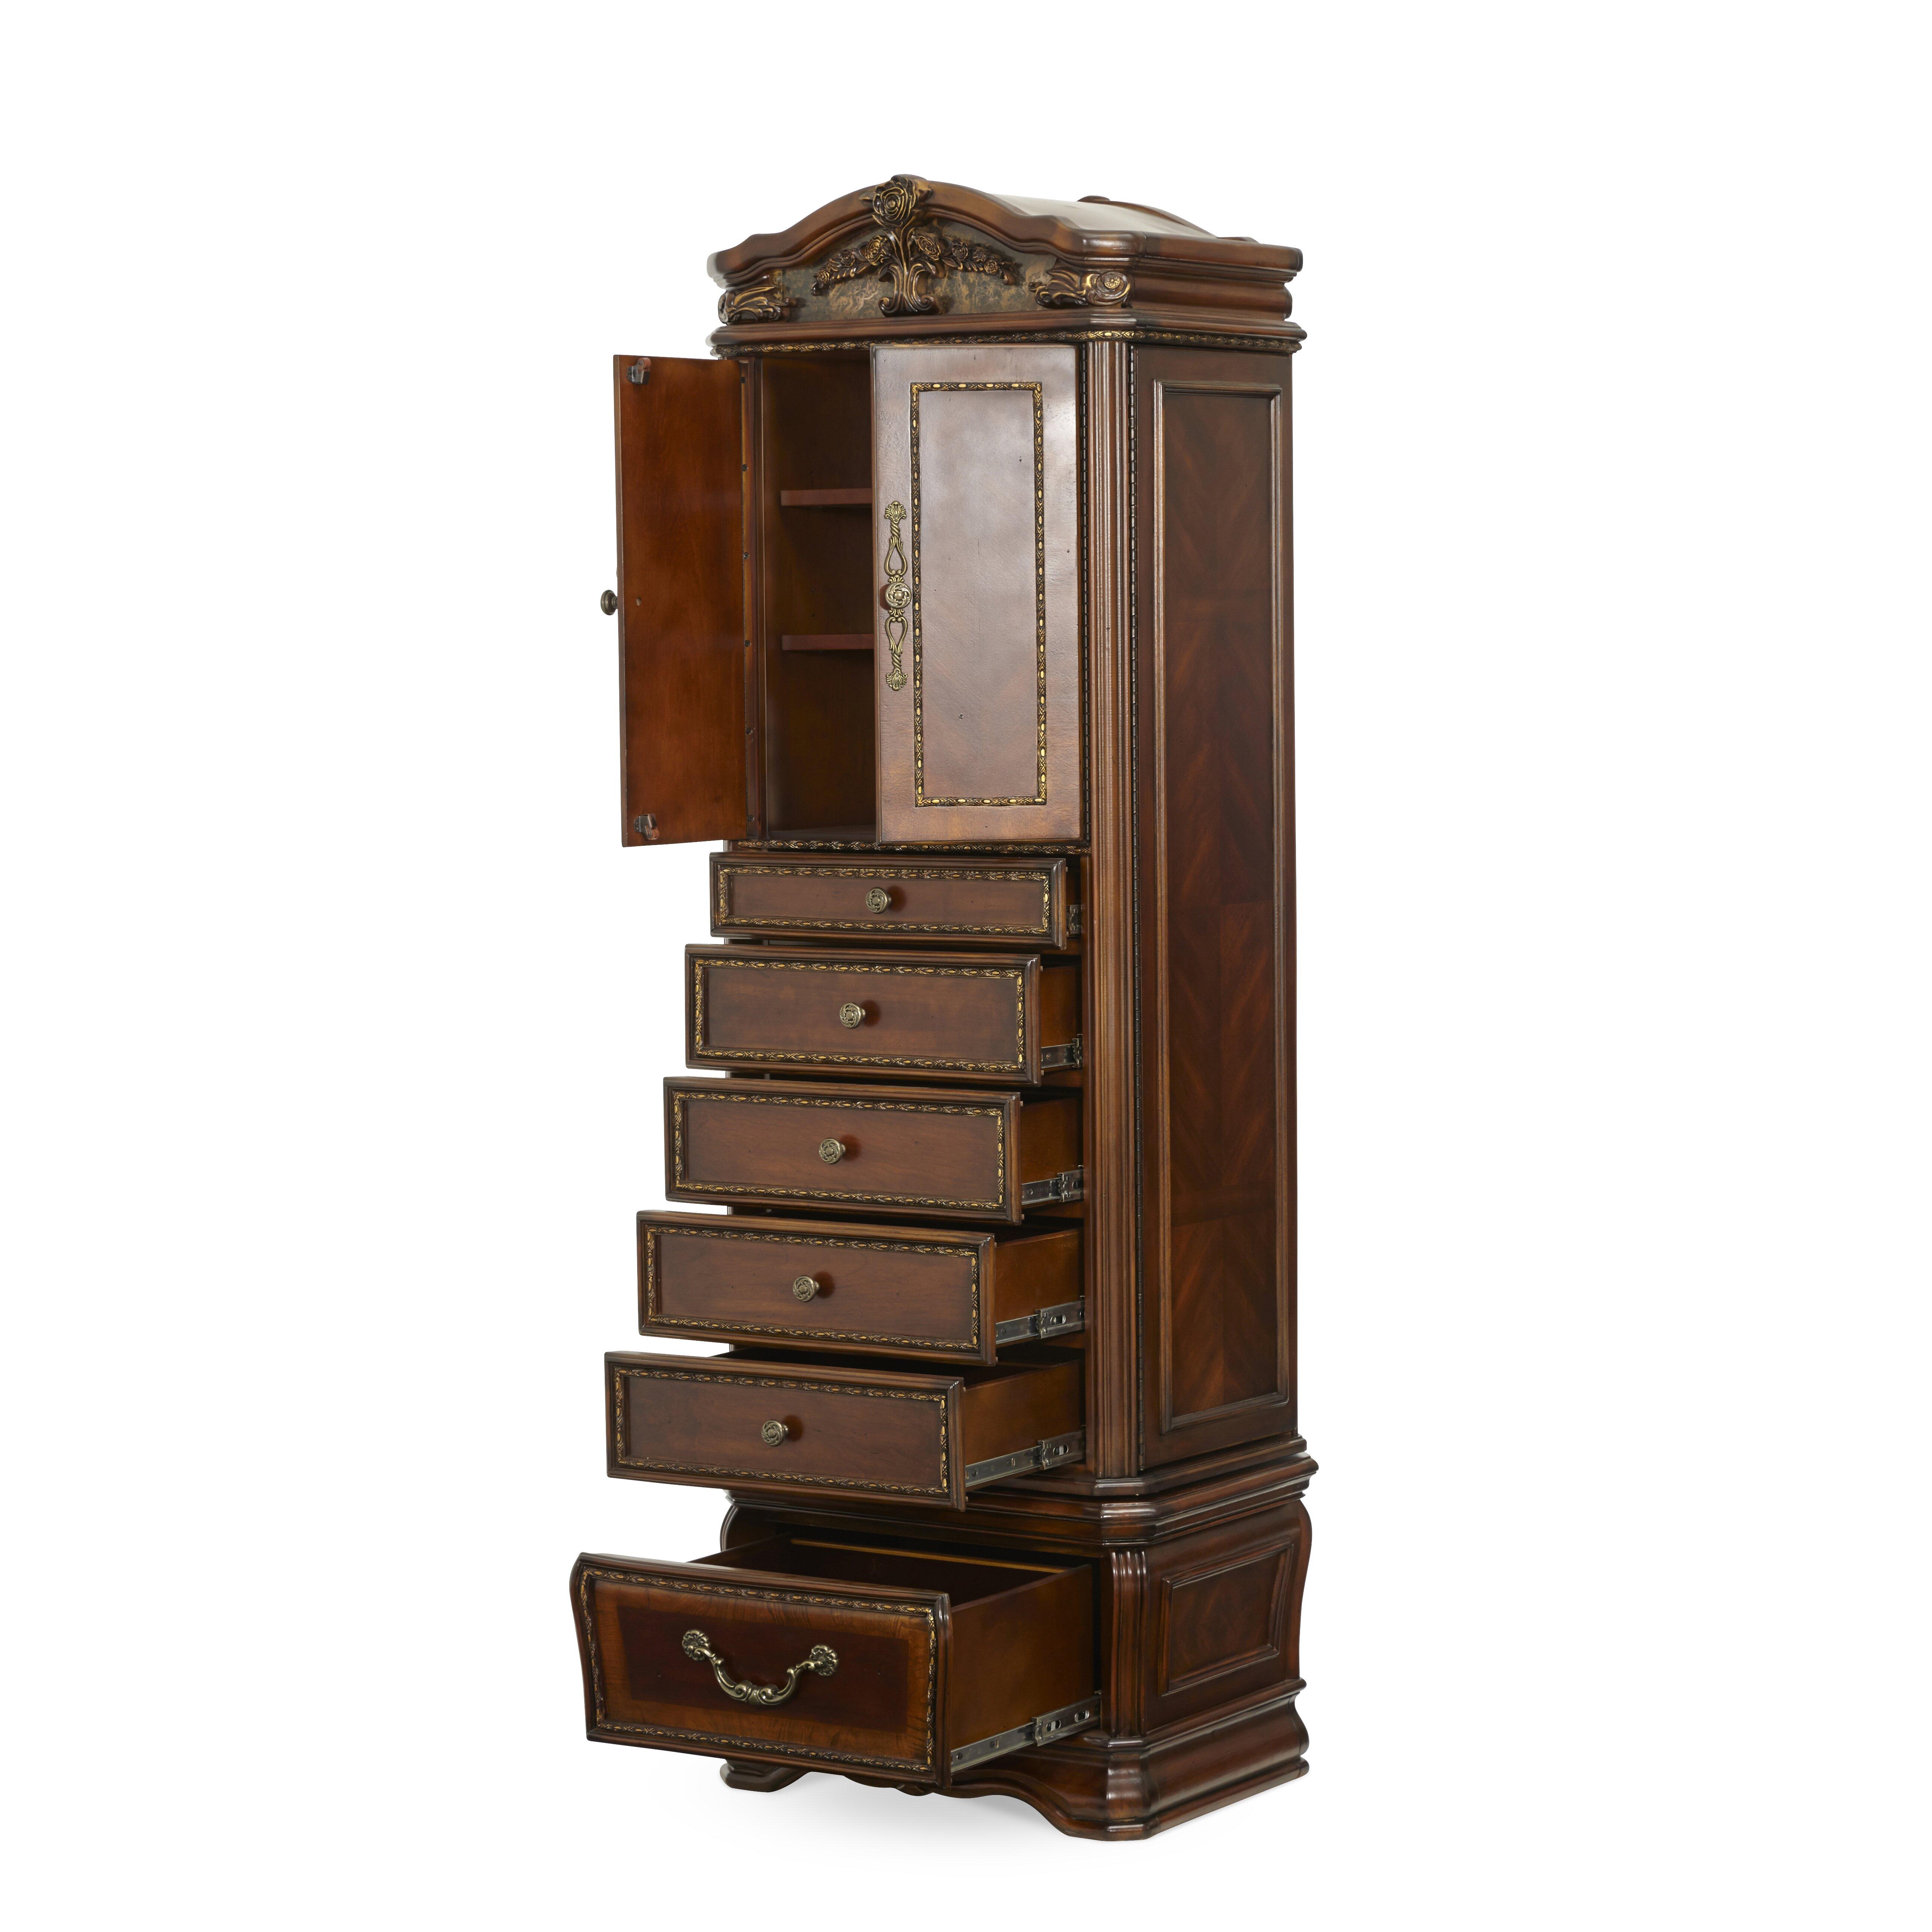 oppulente swivel 5 drawer lingerie chest wayfair. Black Bedroom Furniture Sets. Home Design Ideas